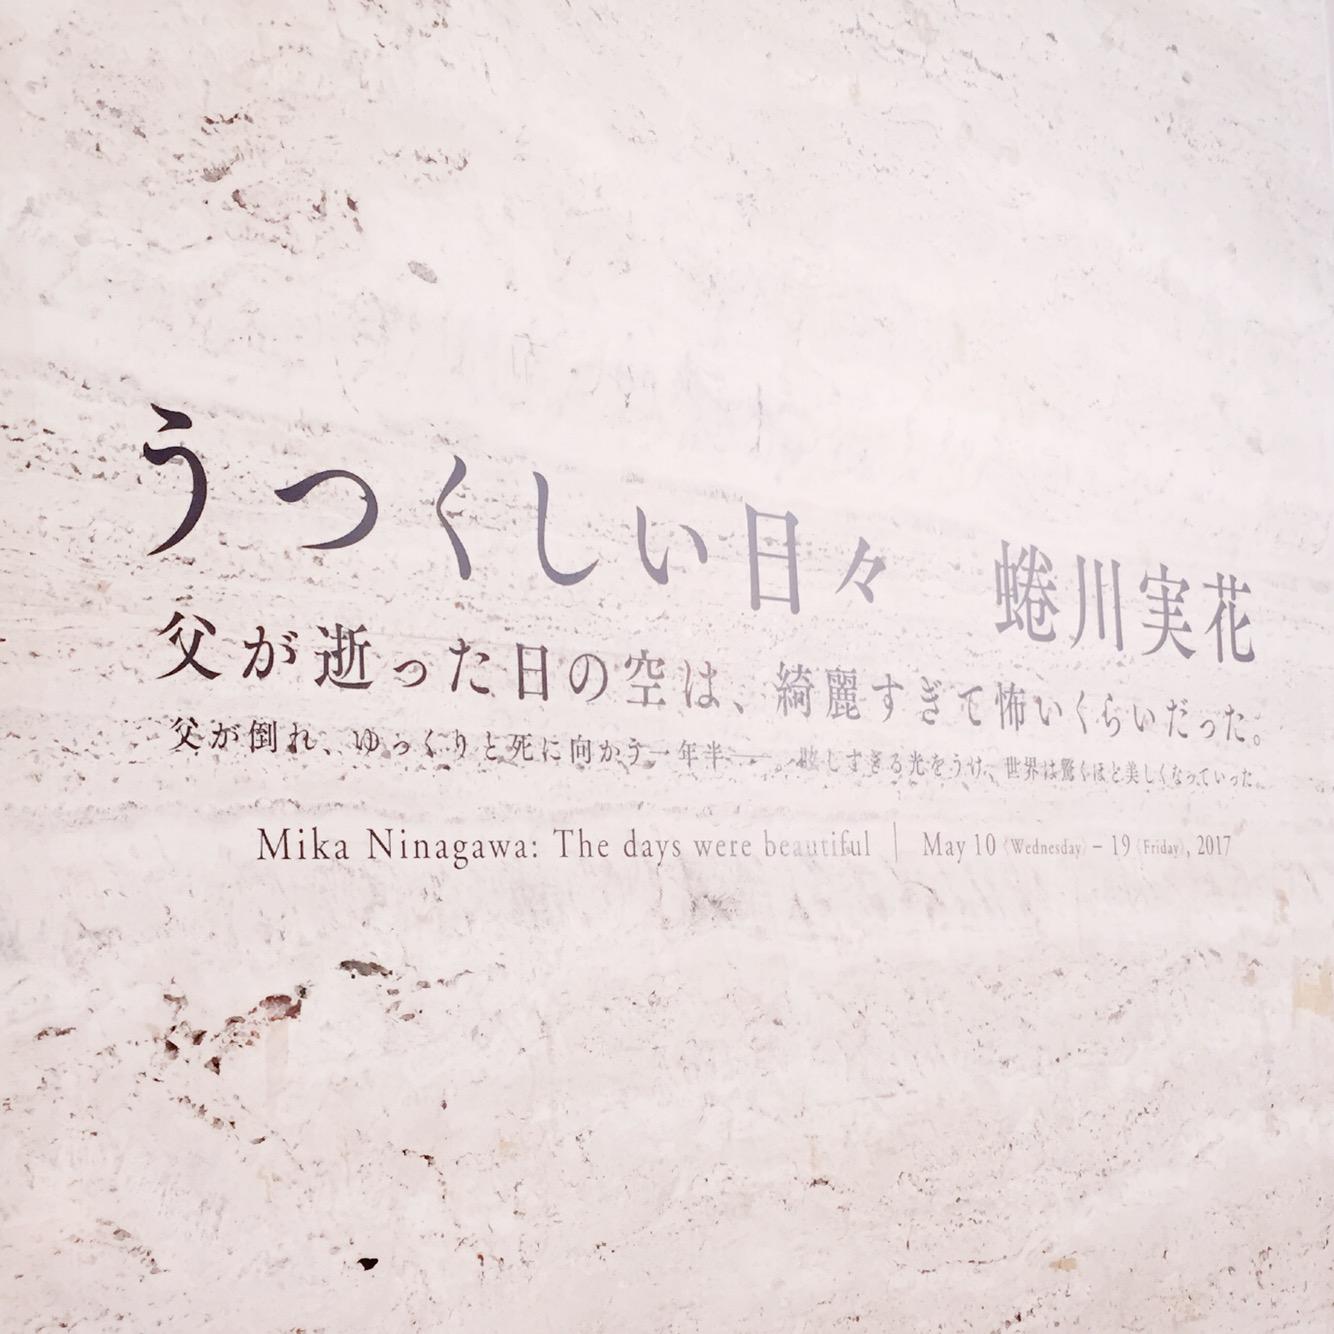 蜷川実花さんのうつくしい日々をみてきました